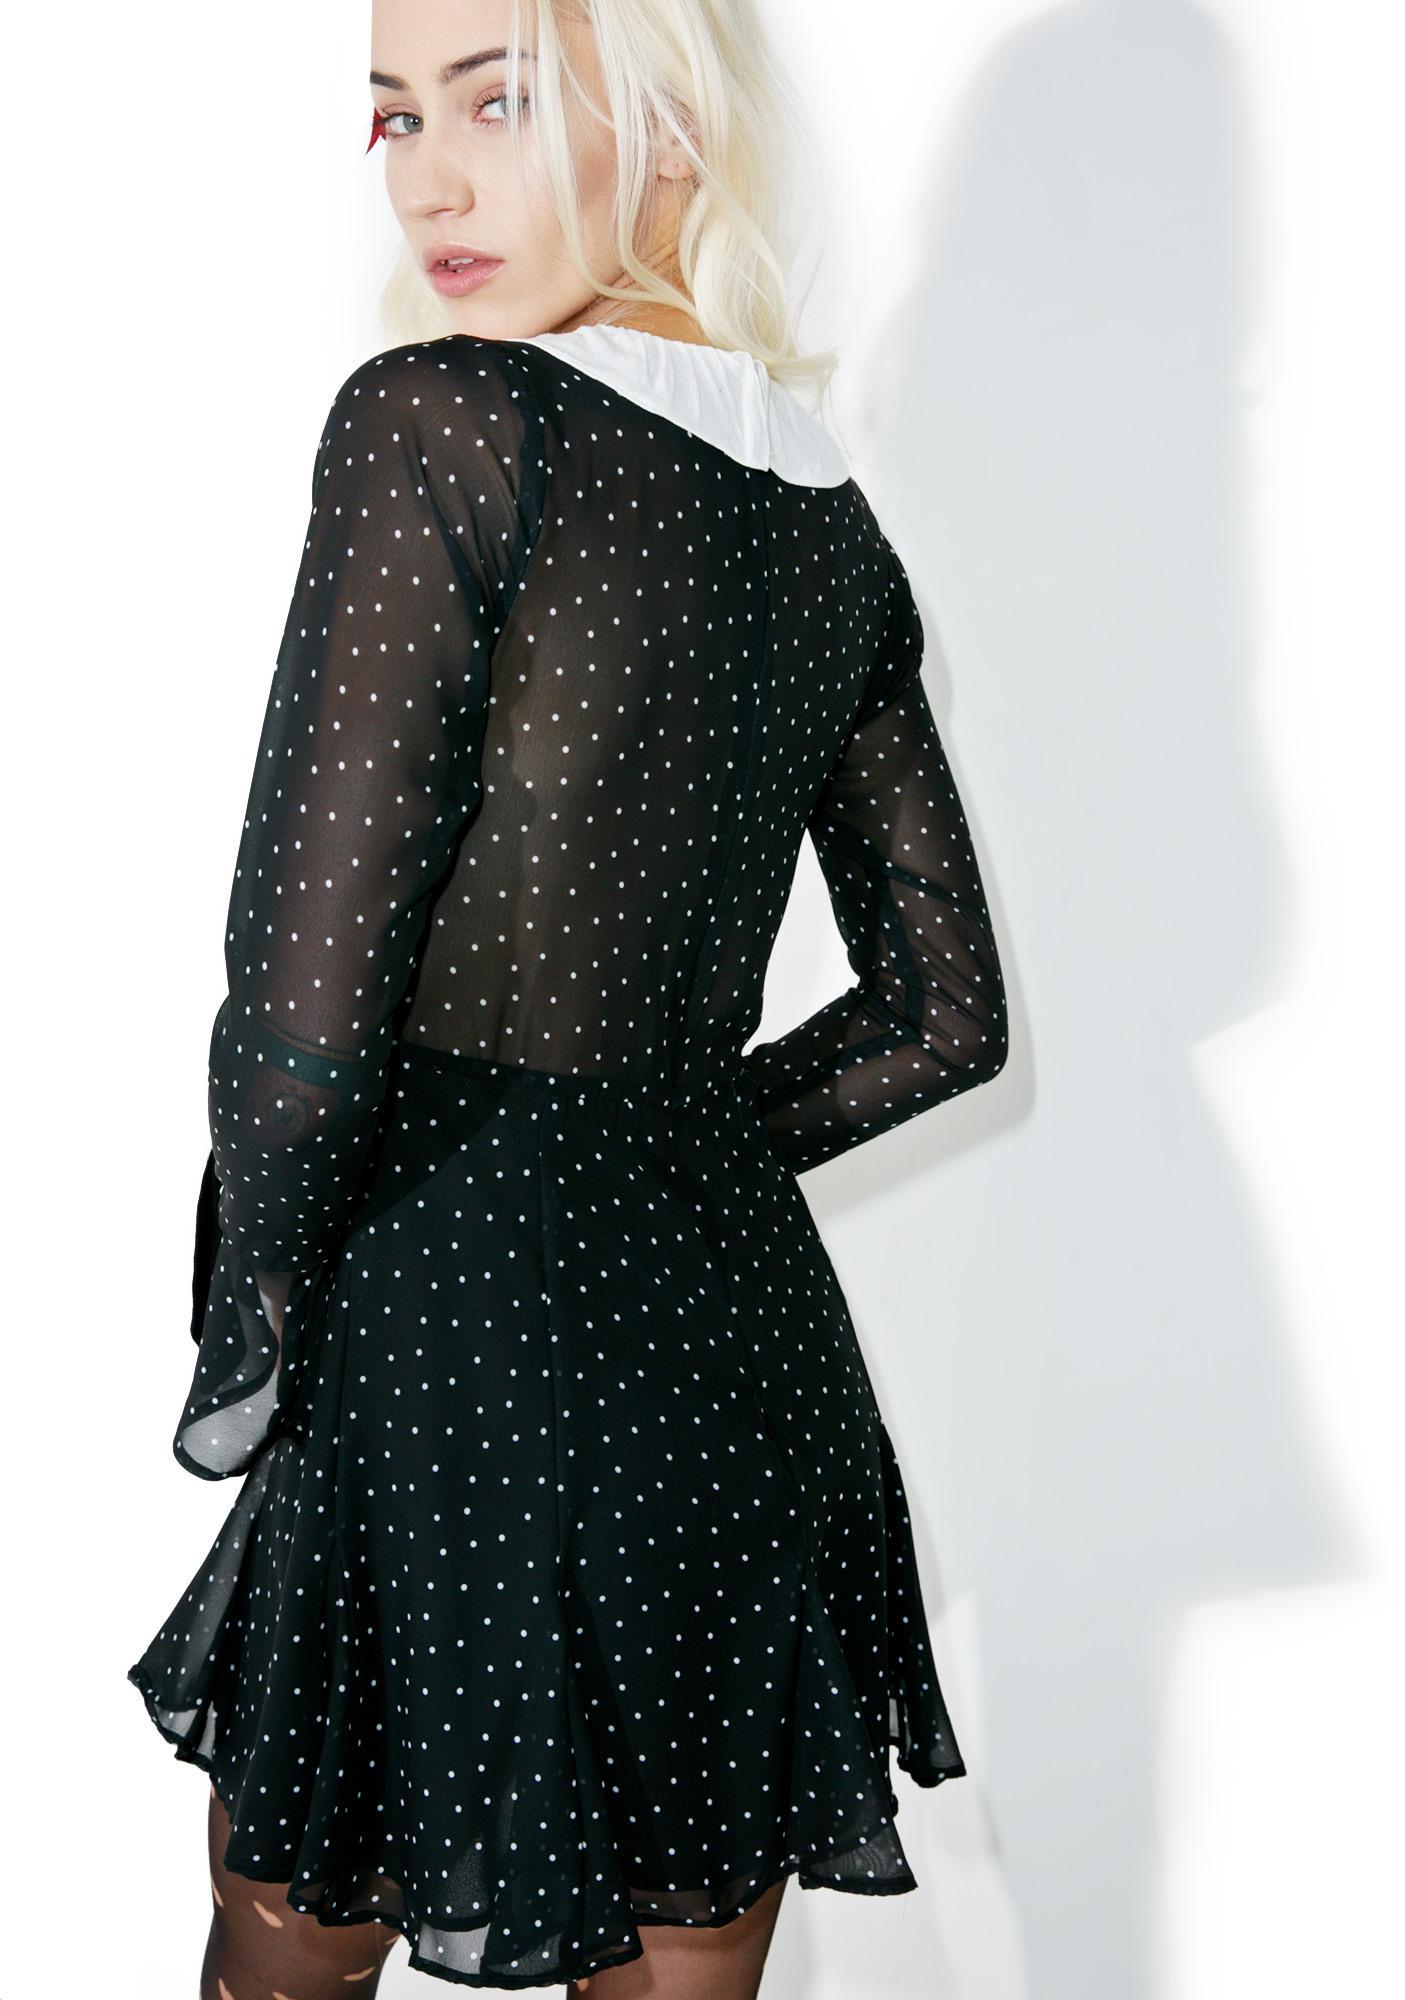 For Love & Lemons Bianca Mini Dress